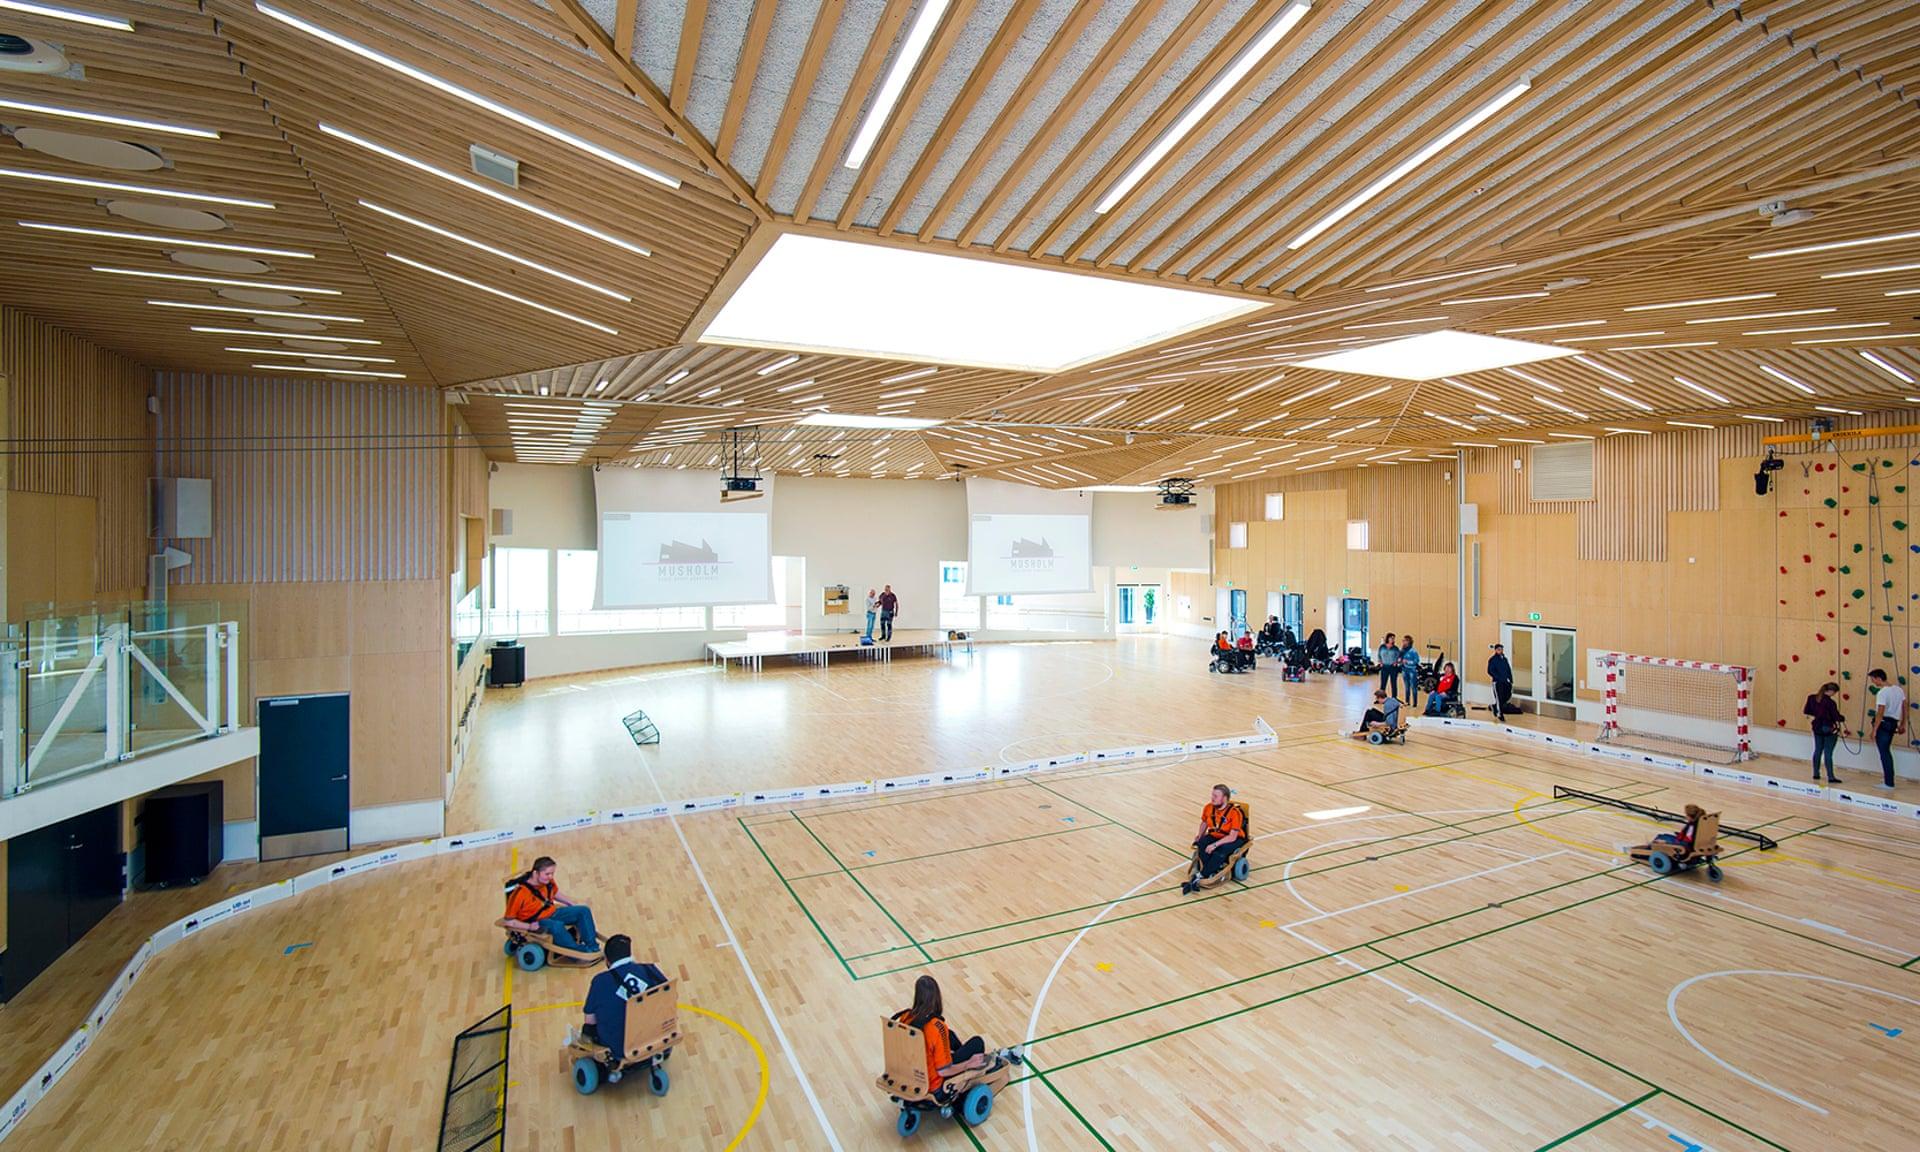 El polideportivo polivalente en el complejo de Musholm